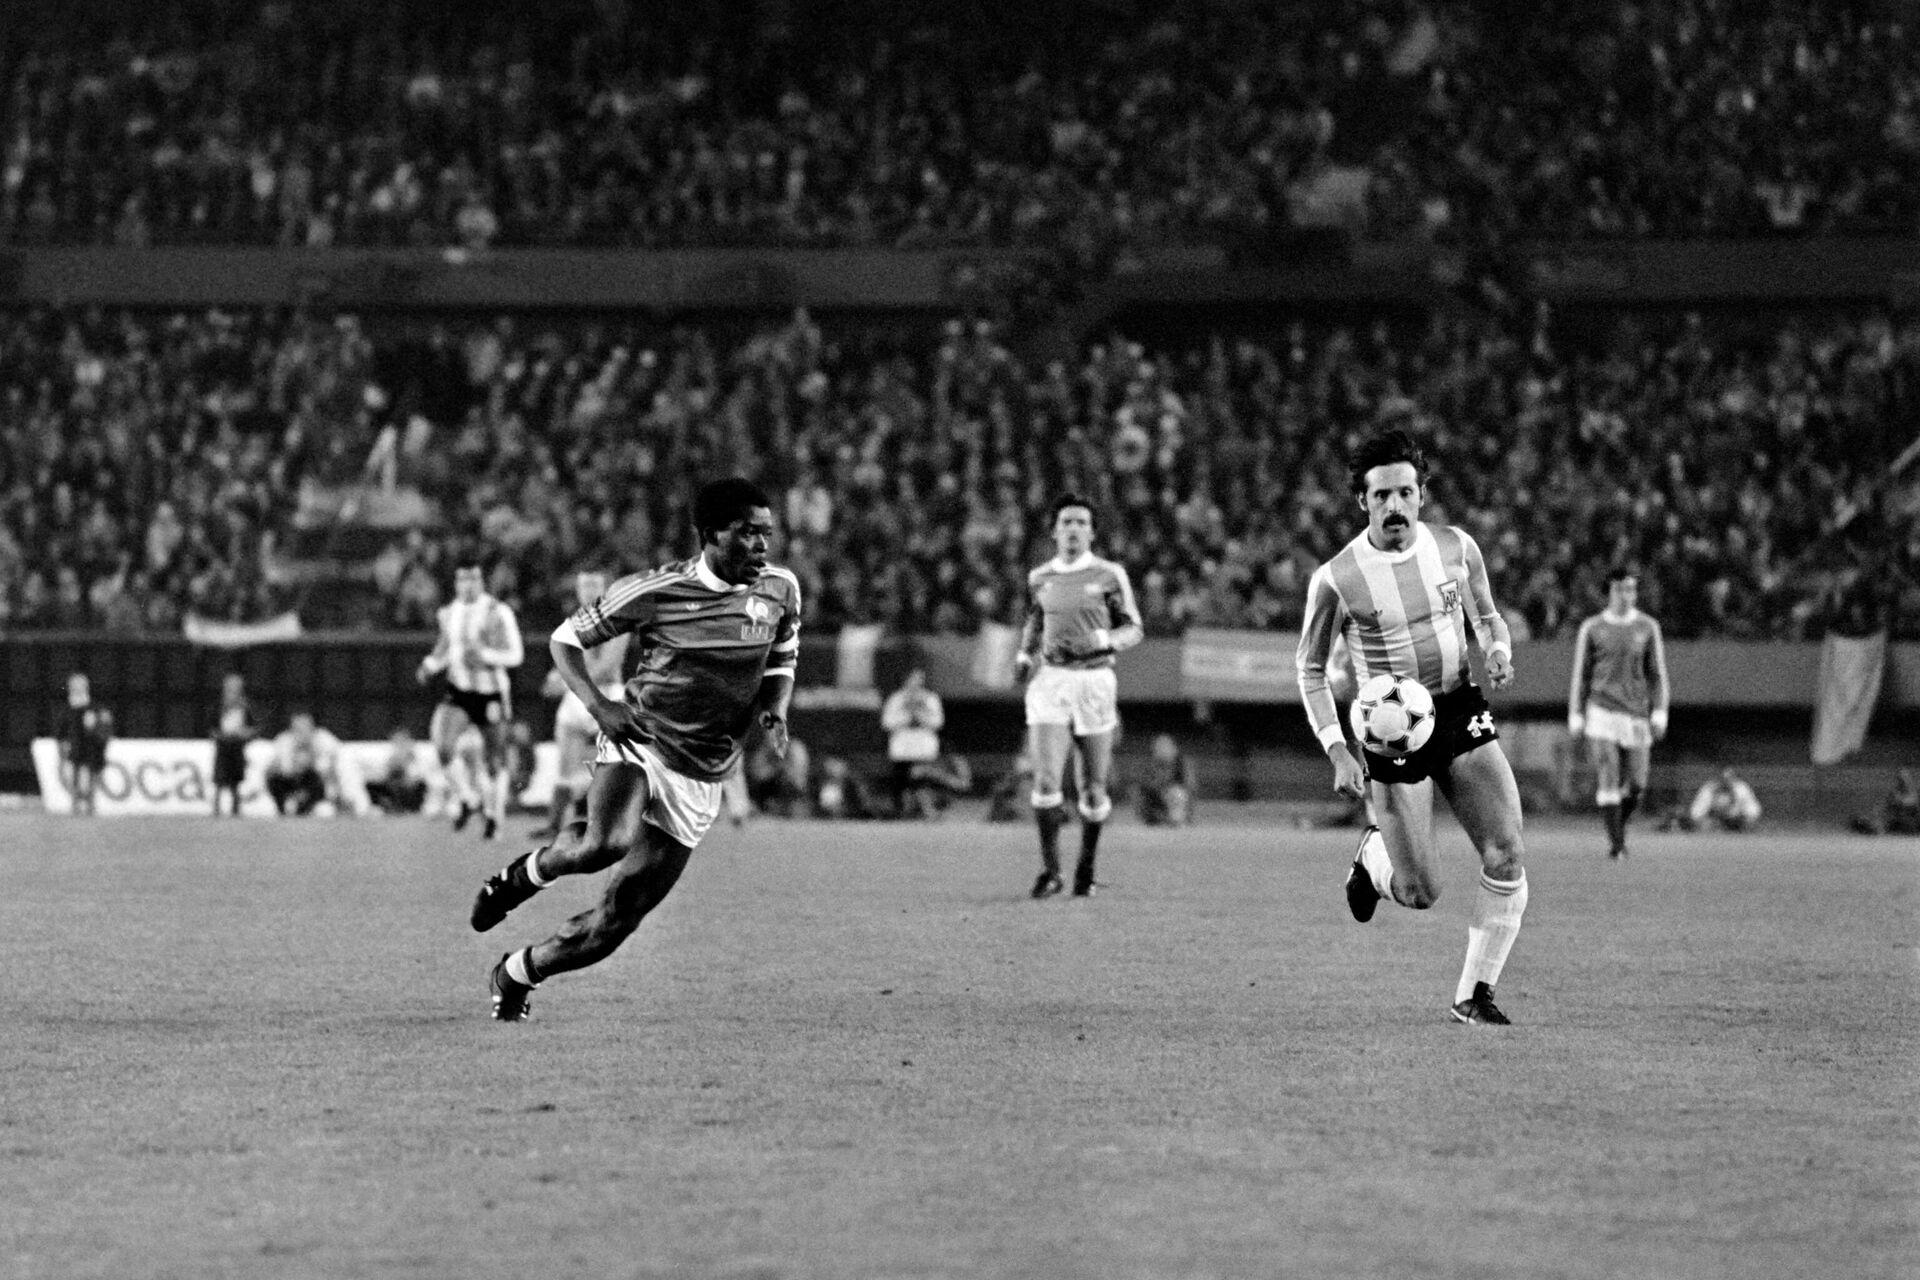 El futbolista argentino Leopoldo Luque durante el del Mundial de 1978 - Sputnik Mundo, 1920, 15.02.2021